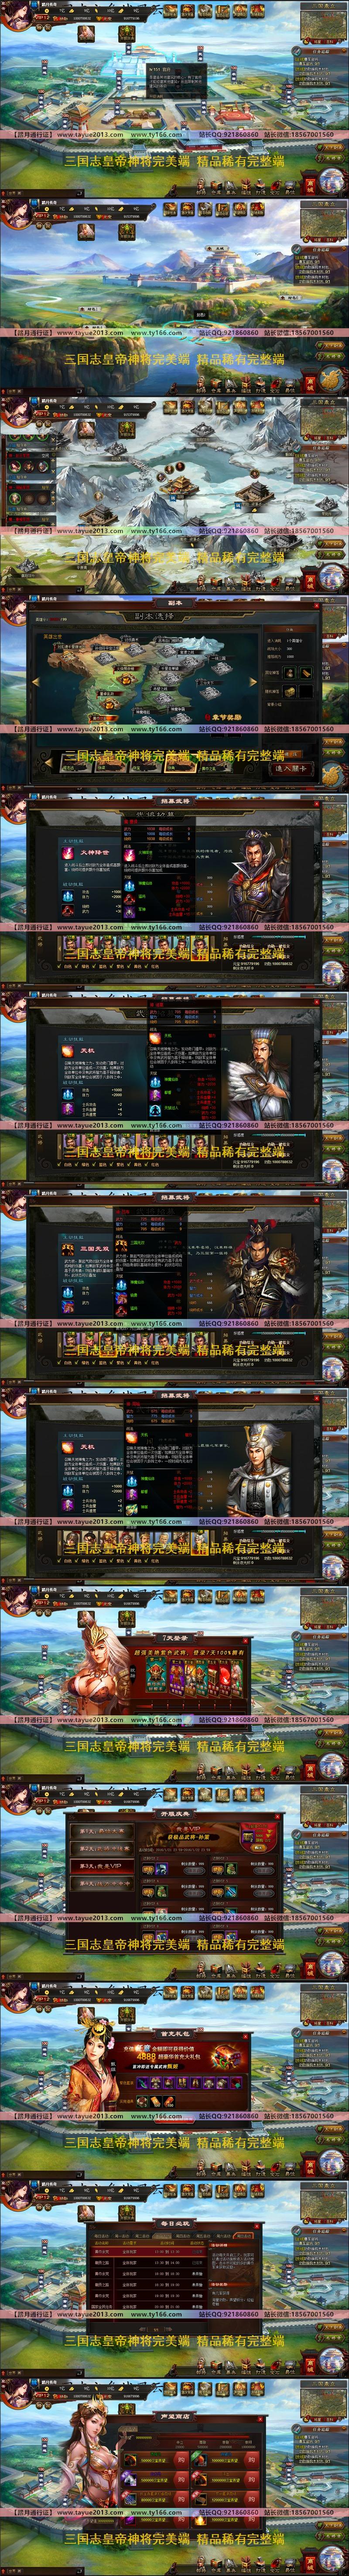 【踏月网单】三国志皇帝神魔将版网游单机版 VIP12大皇帝 ...